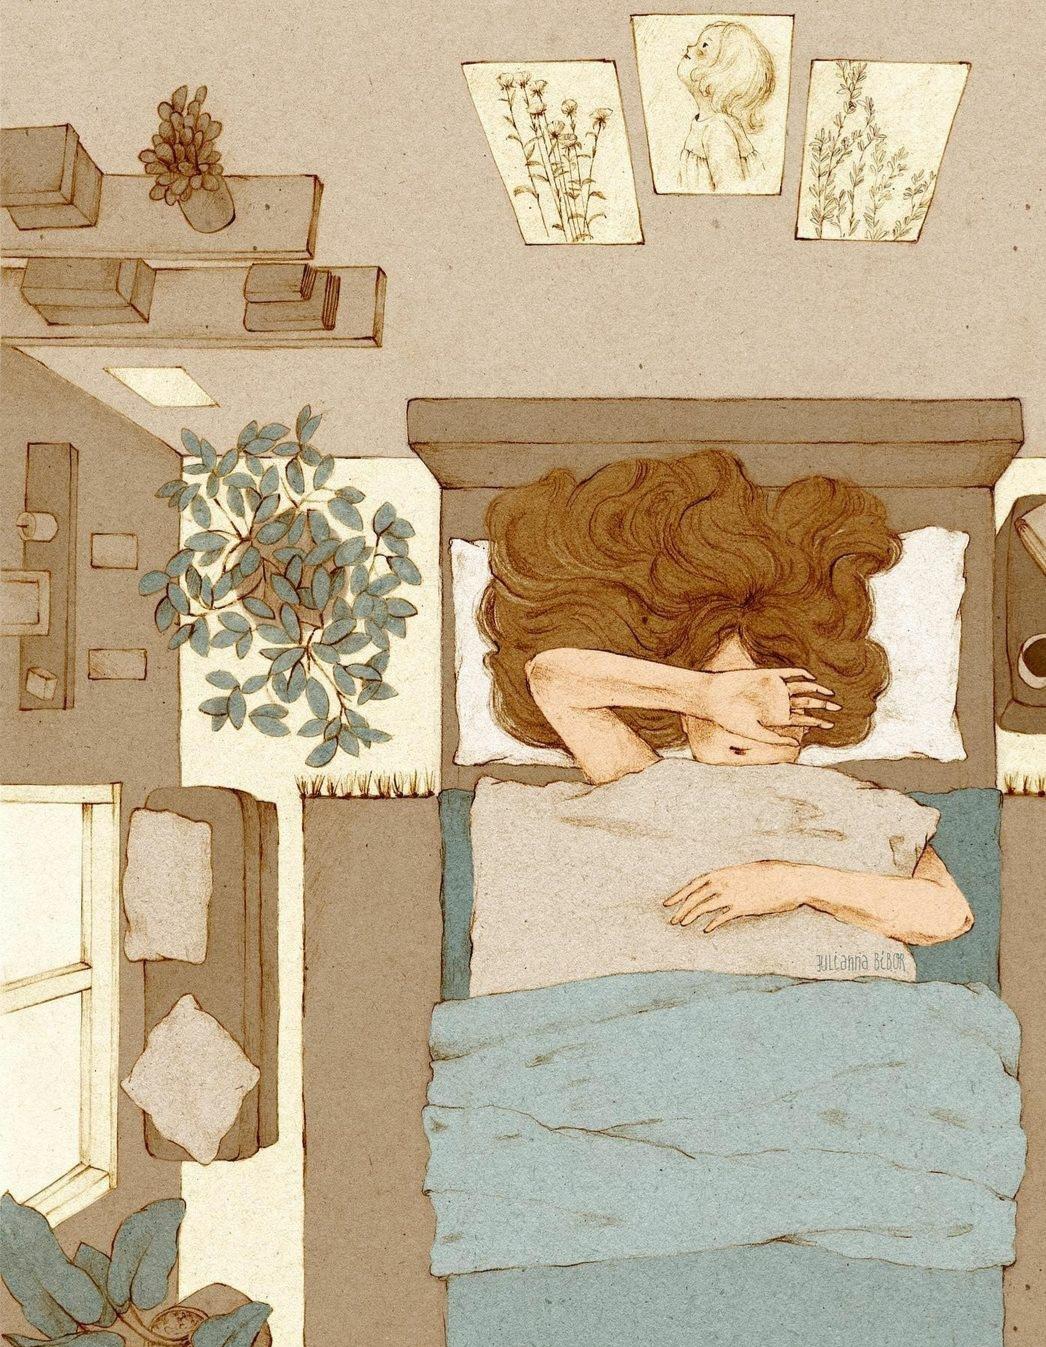 El aburrimiento es normal si es transitorio y le puede acompañar un sentimiento de vacío interior y aplanamiento emocional.